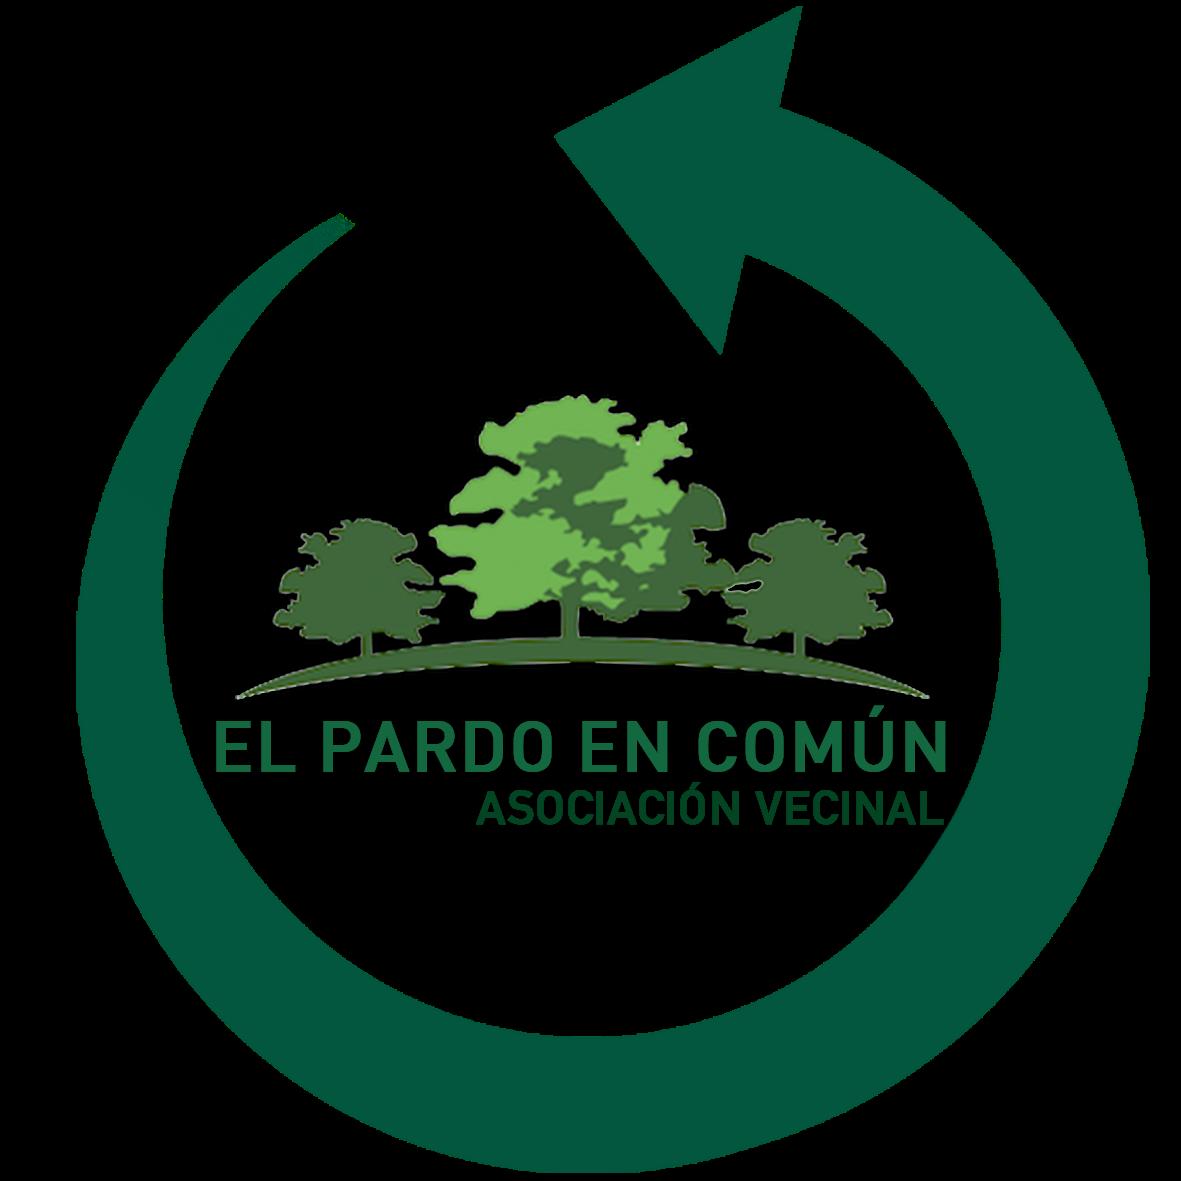 Contacta con la AV El Pardo en Común